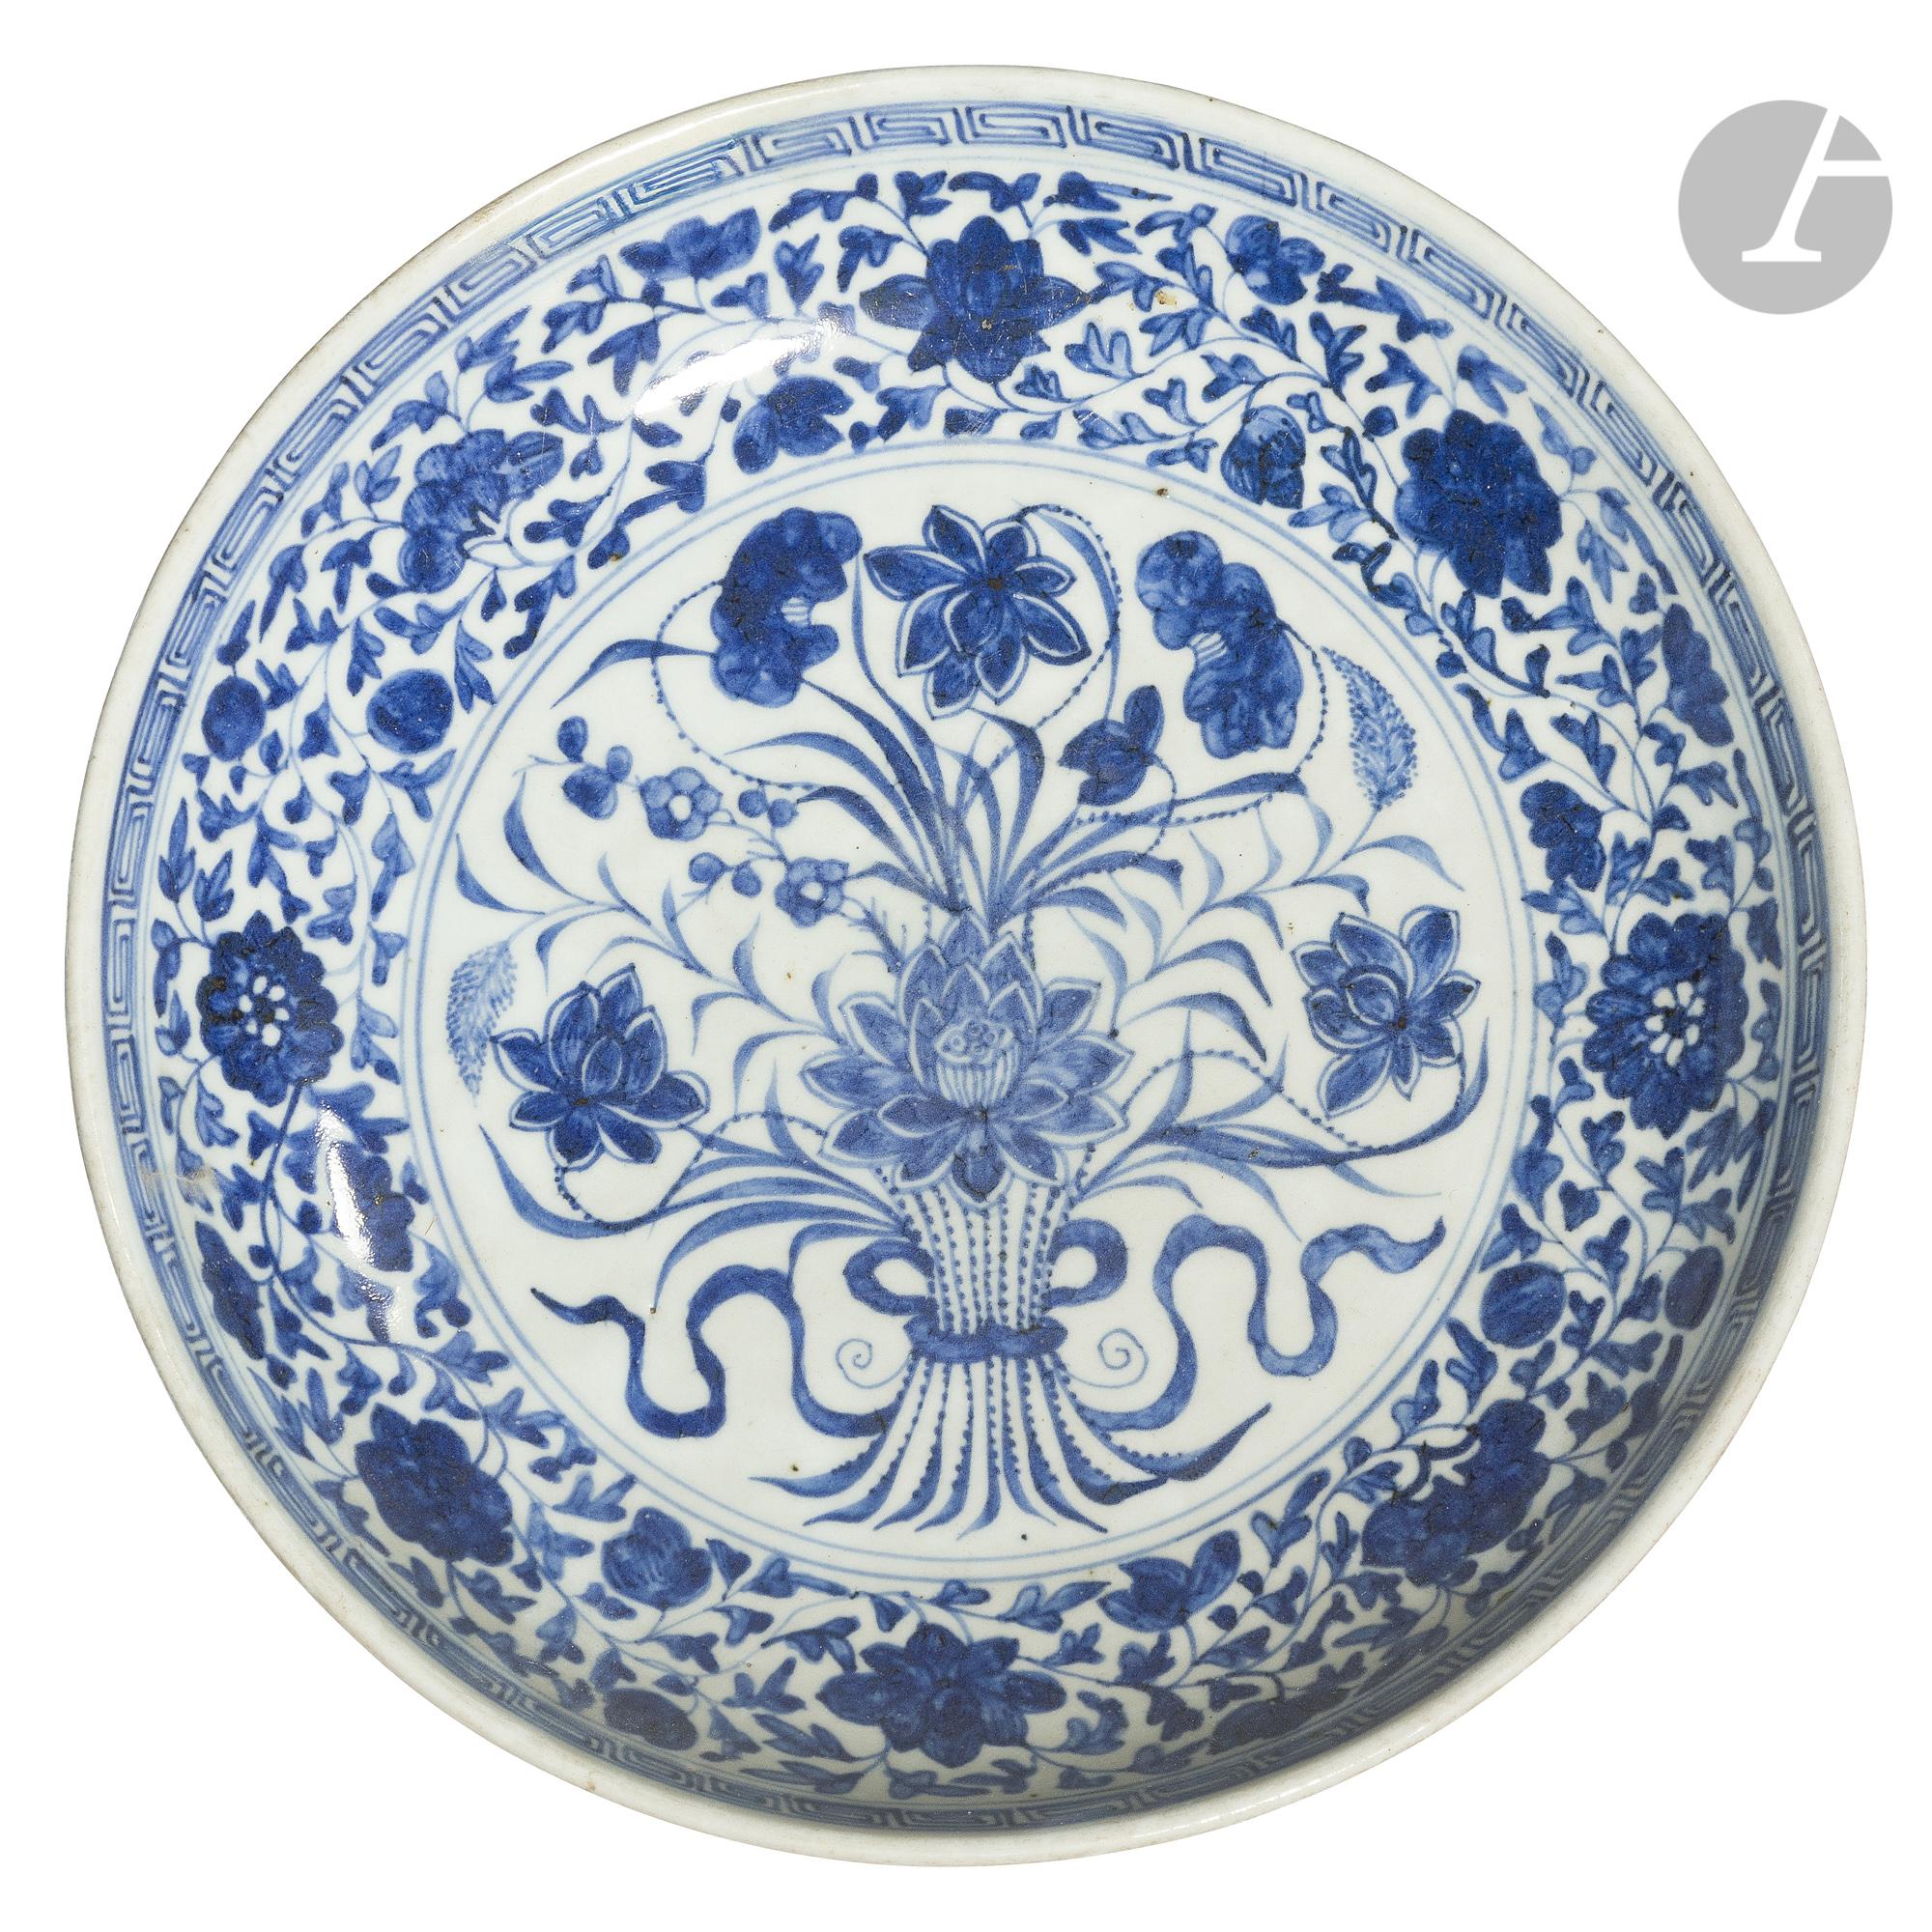 CHINE - XVIIIe siècle Plat creux en porcelaine blanche émaillée en bleu sous couverte dans un